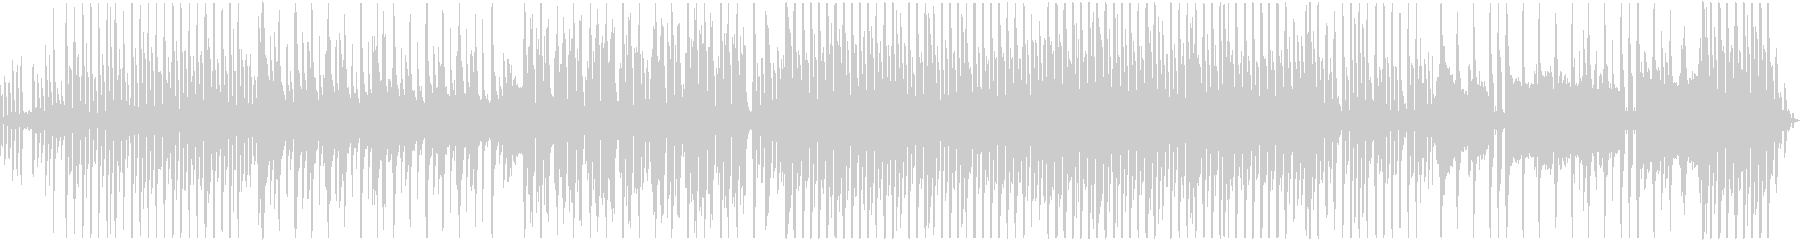 ピアノメインの爽やか系R&Bの未再生の波形